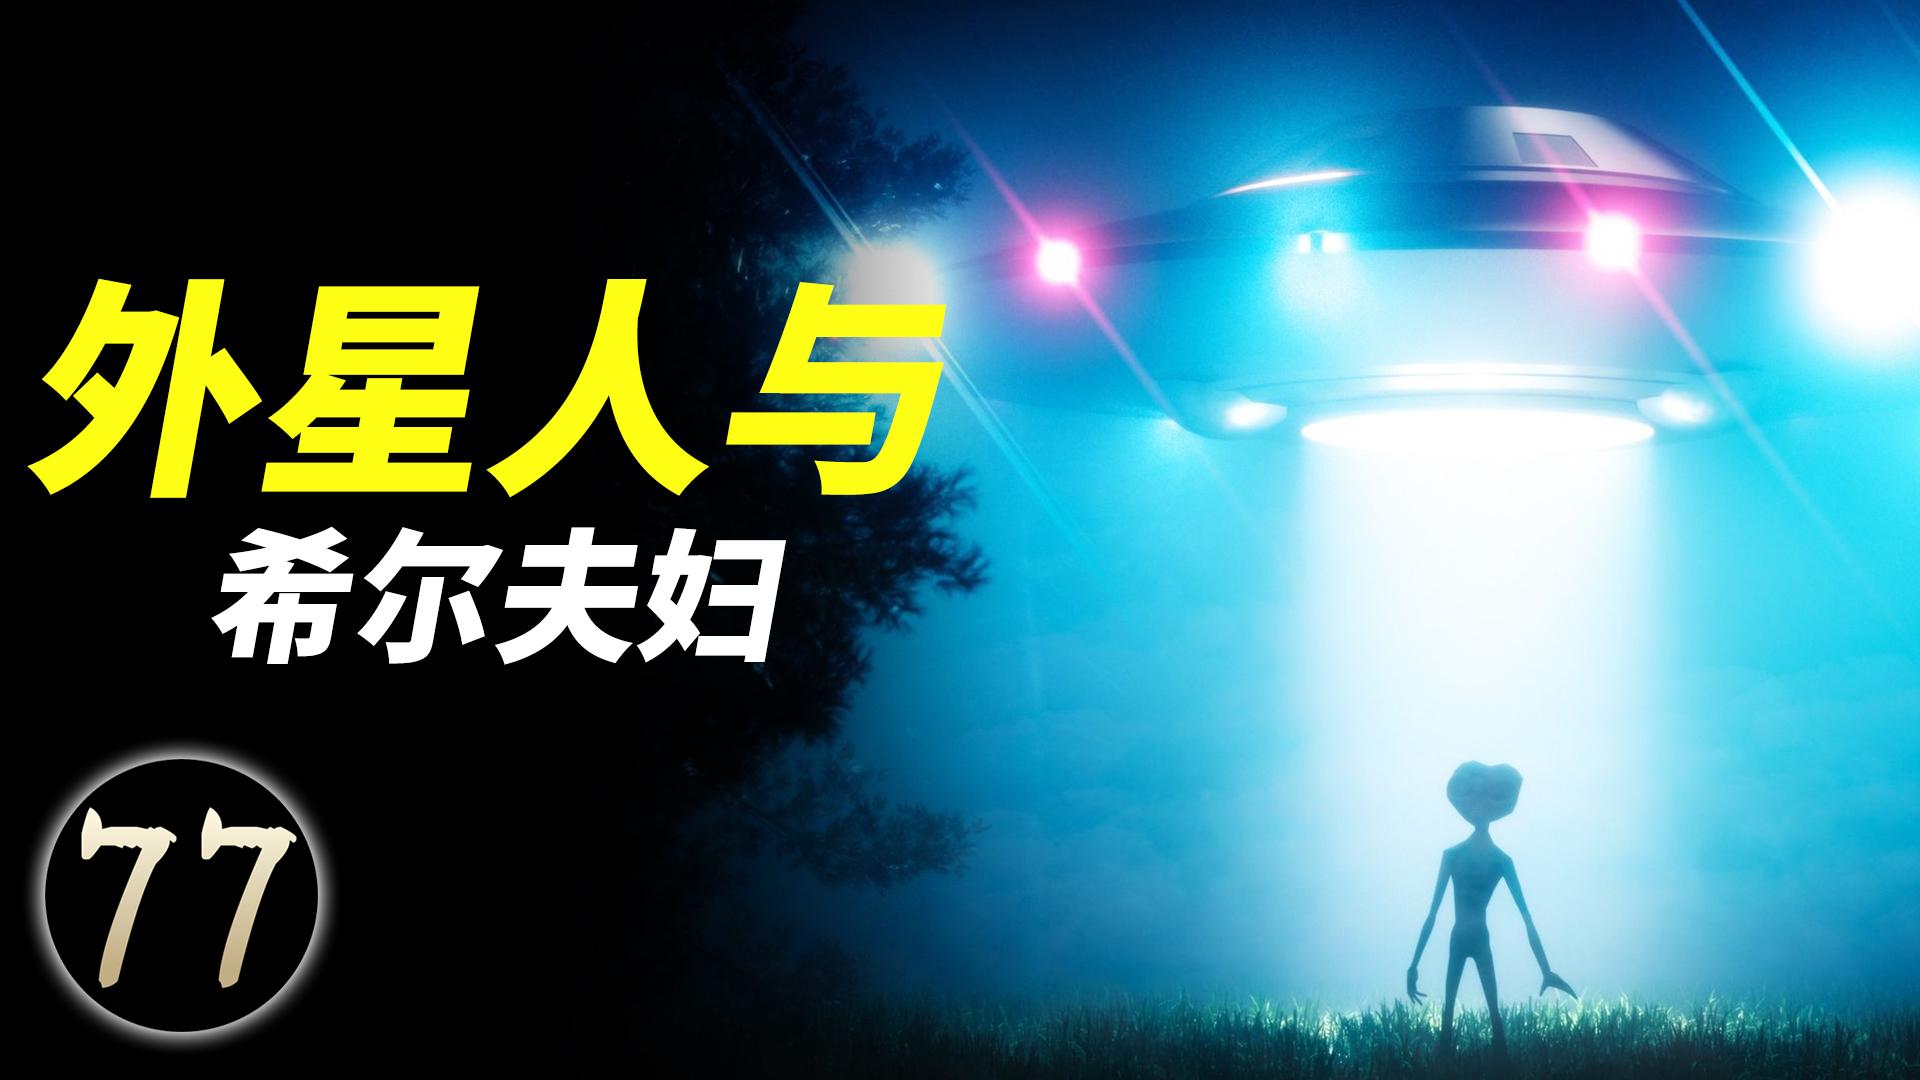 著名的外星人绑架事件,被催眠唤起的外星人绑架记忆